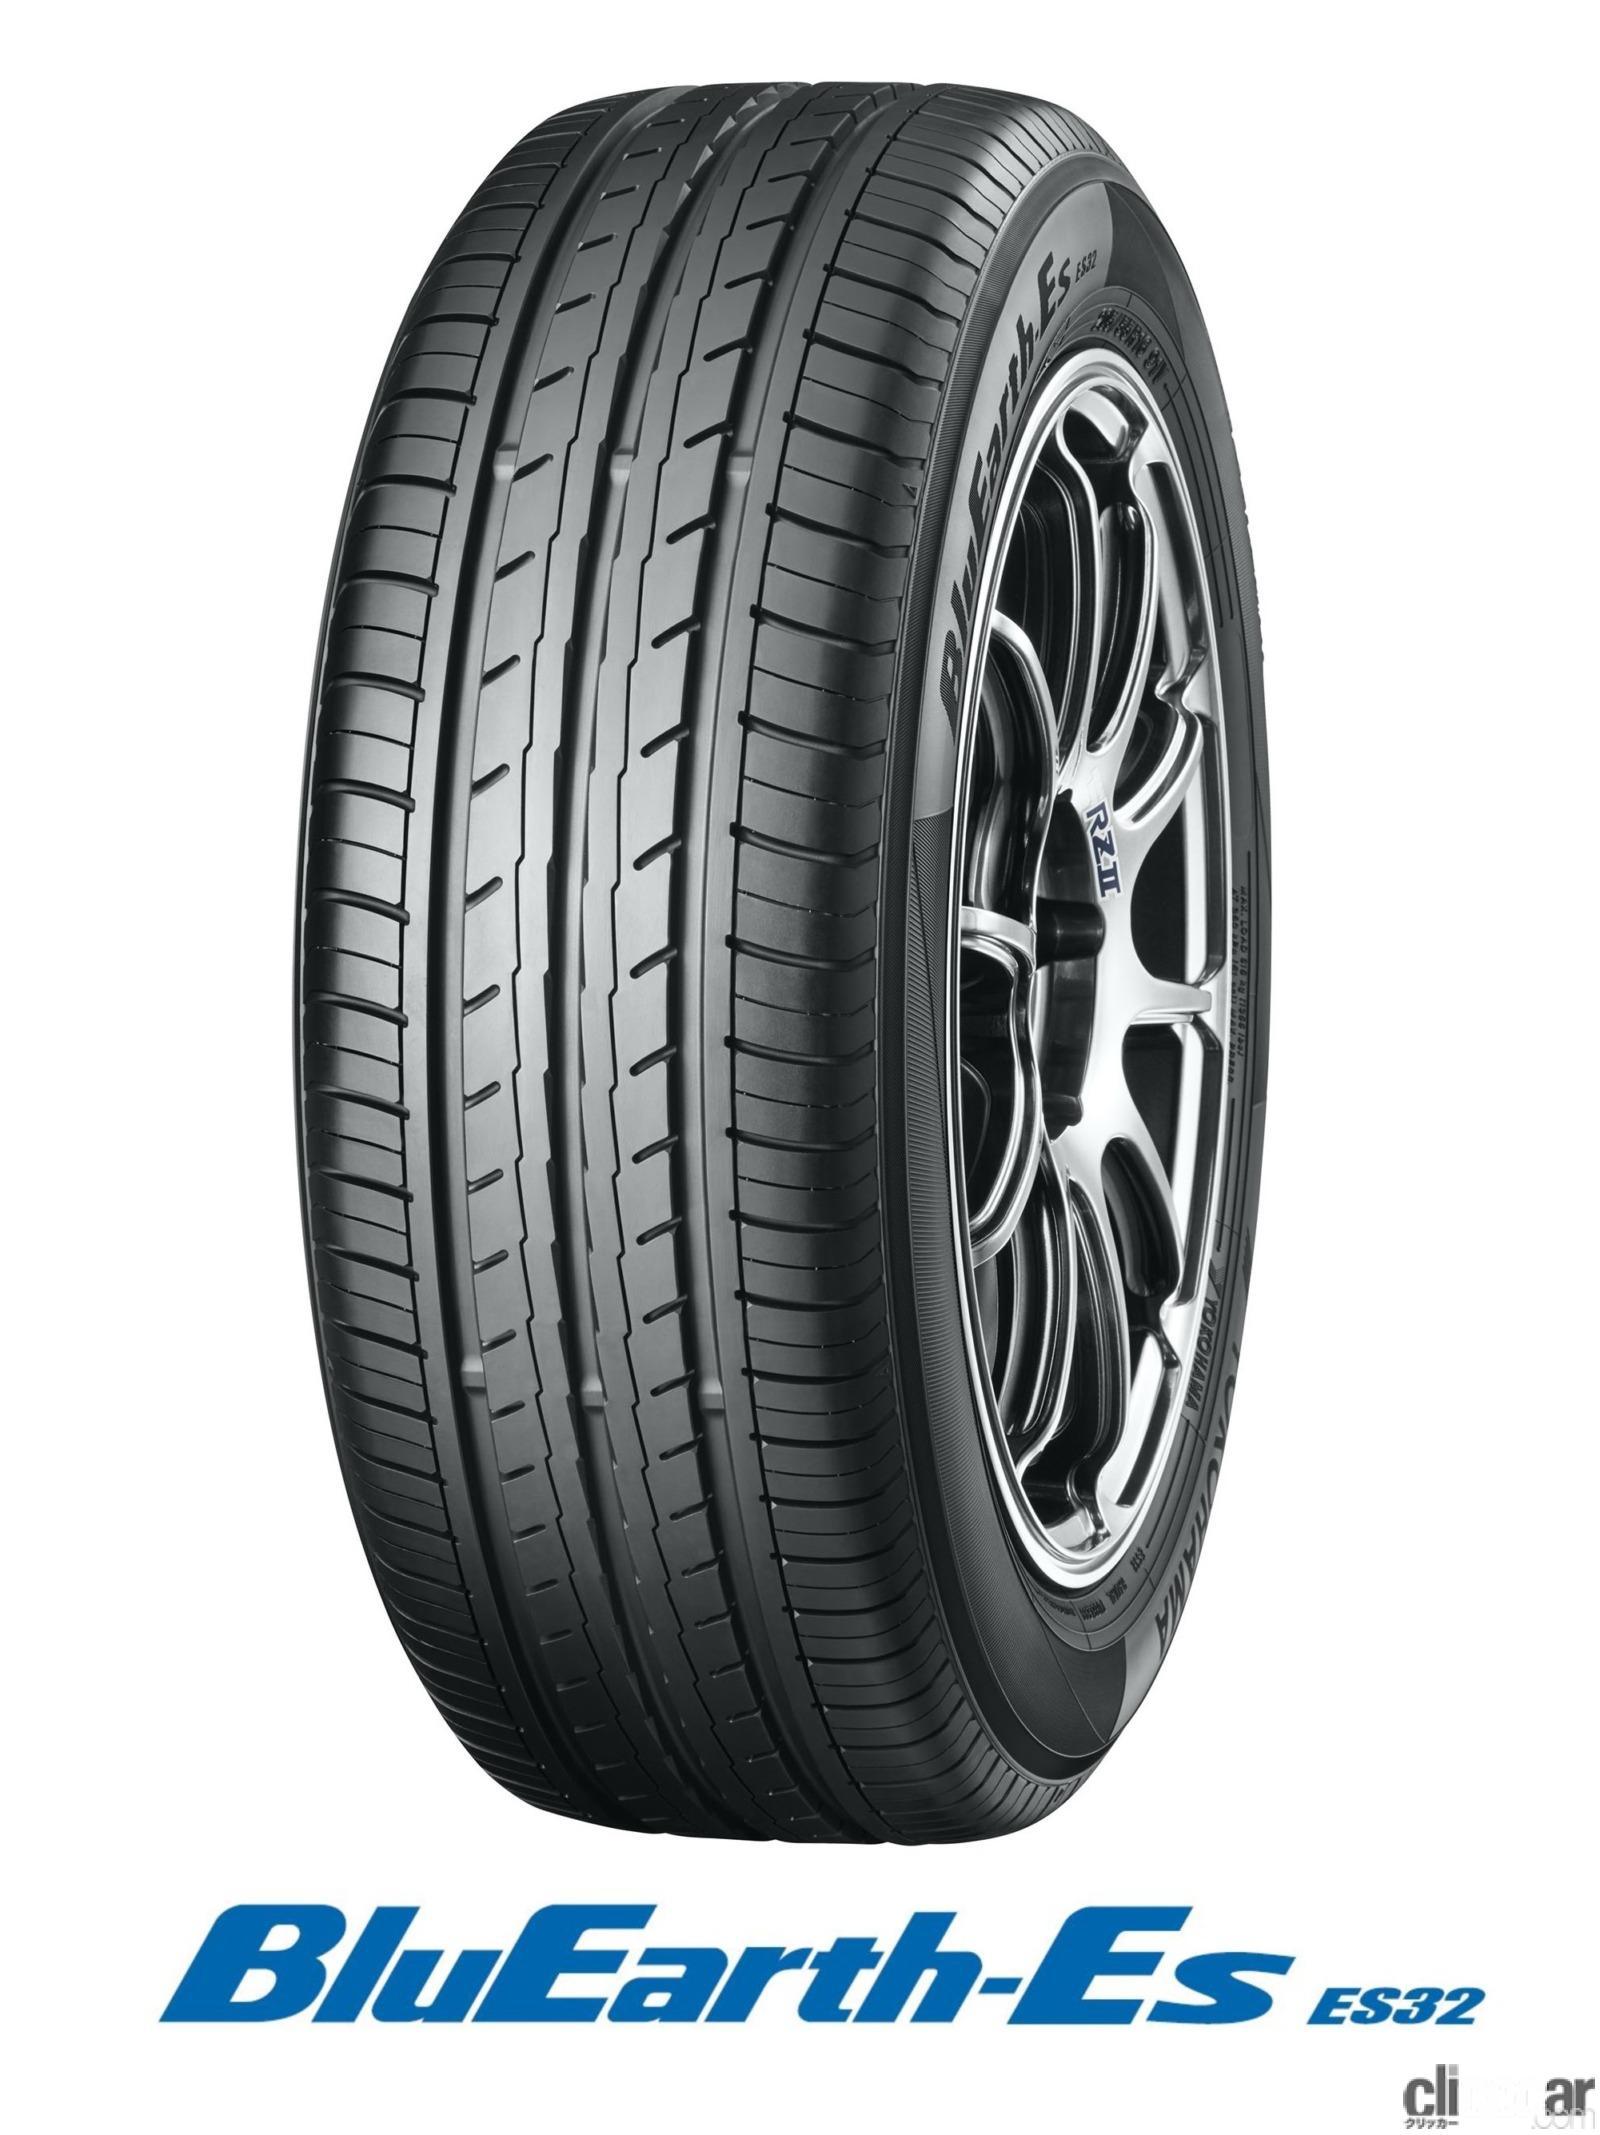 YOKOHAMAの「BluEarth-Es ES32」は、低燃費性能やウェットグリップ性能を磨き上げた8年ぶりの新タイヤ